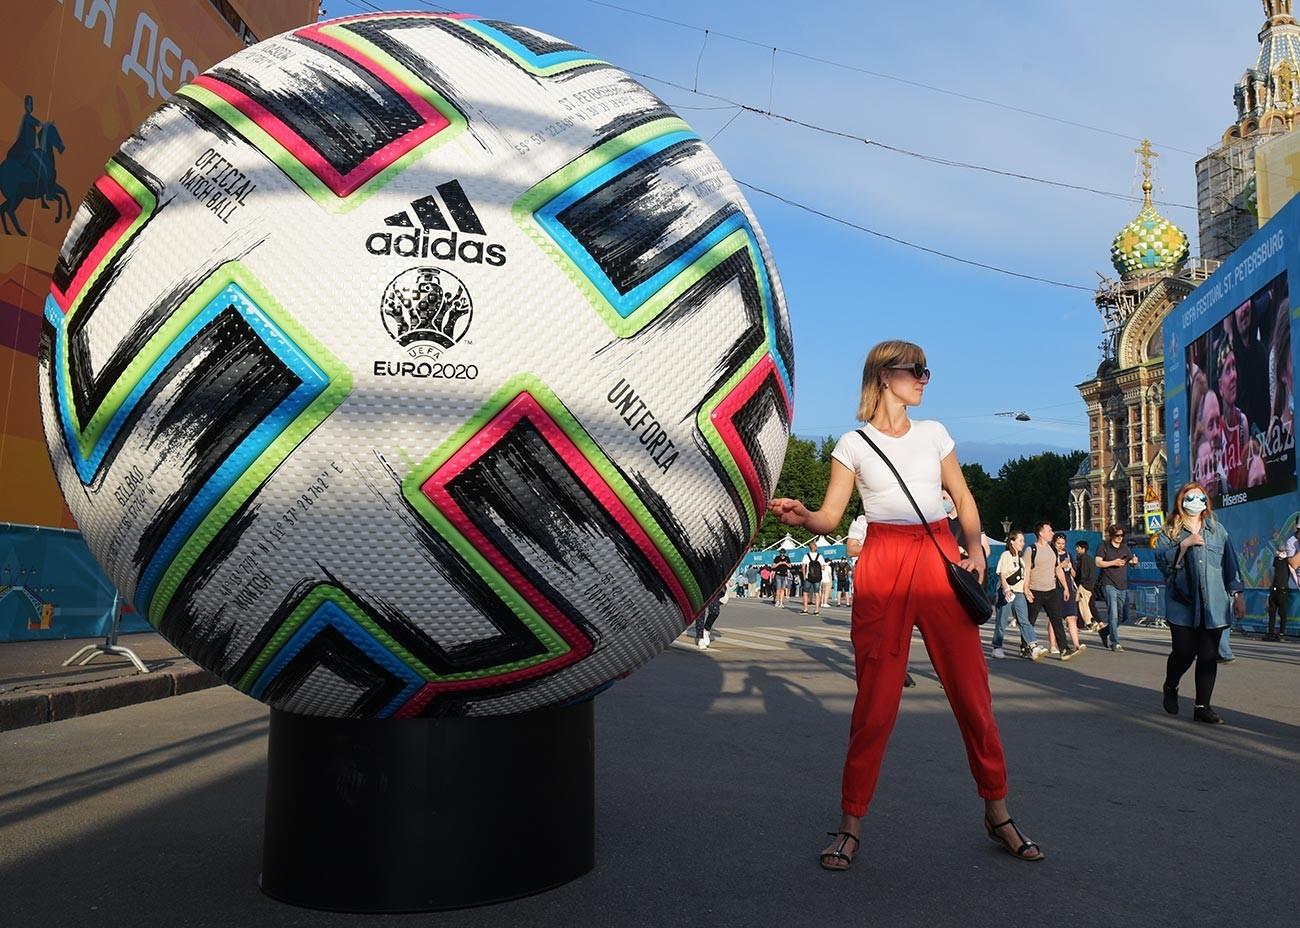 Dekle se fotografira ob kopiji uradne žoge evropskega nogometnega prvenstva 2020 v navijaški coni na trgu Konjušennaja v Sankt Peterburgu.